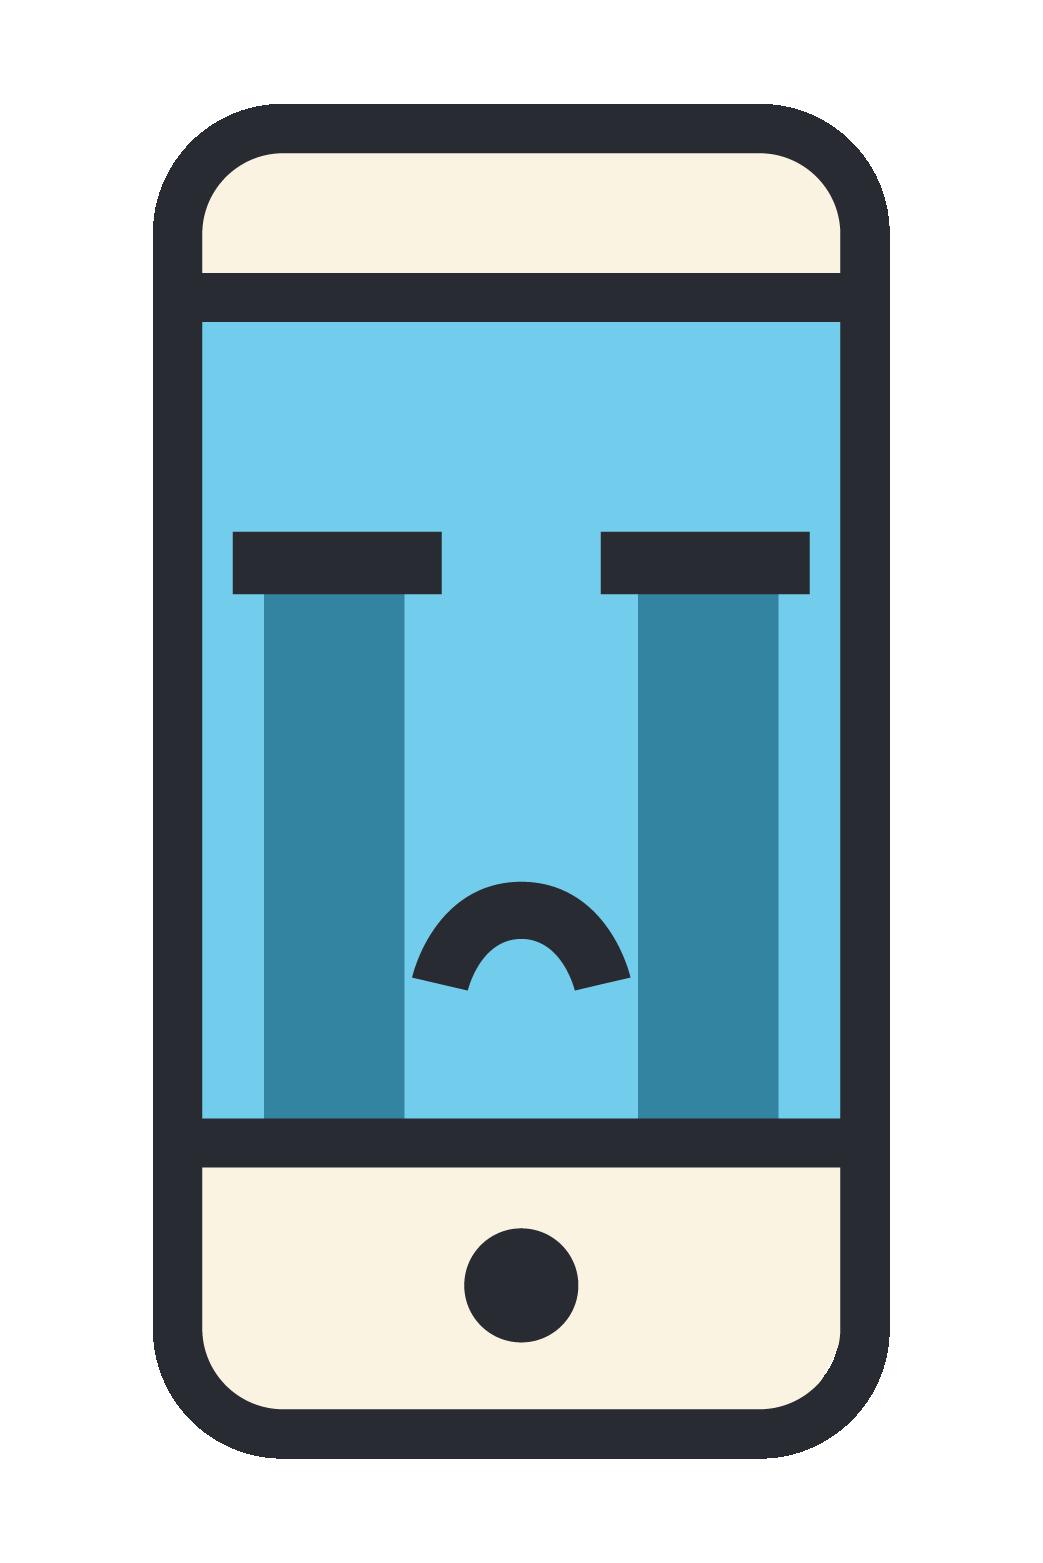 Phone Emoji Stickers messages sticker-1